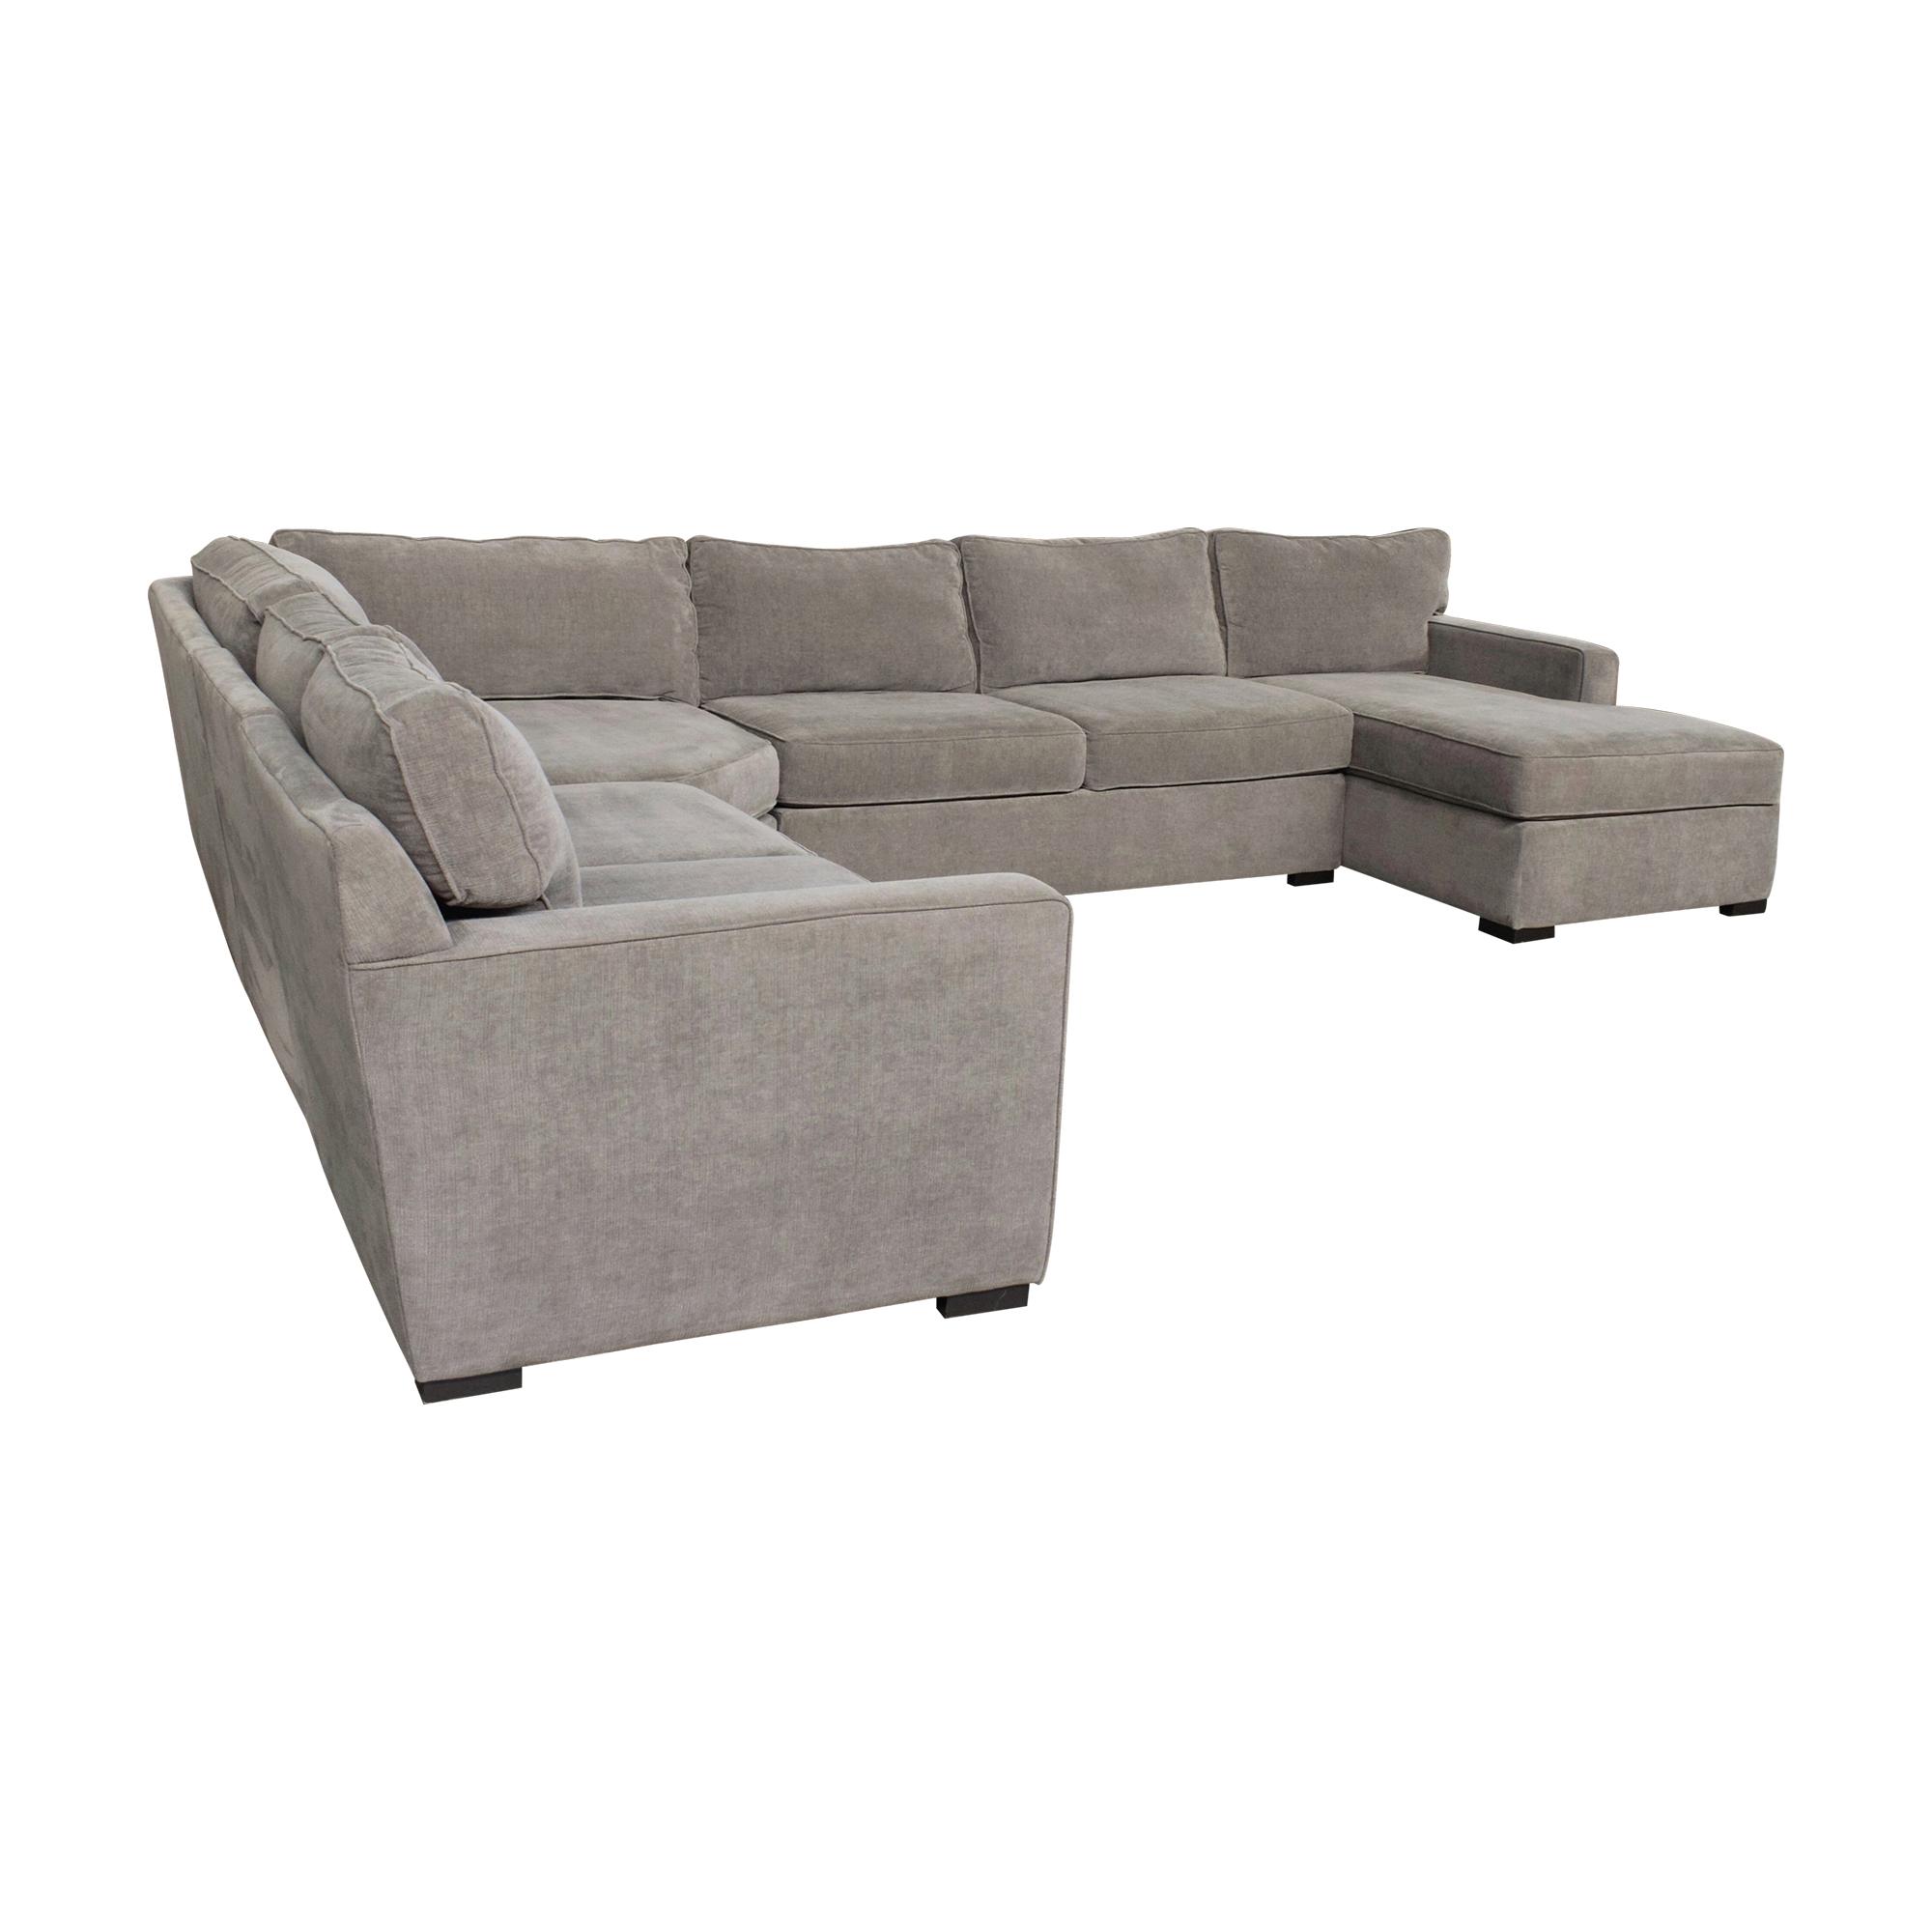 Macy's U-Shaped Chaise Sectional Sofa sale